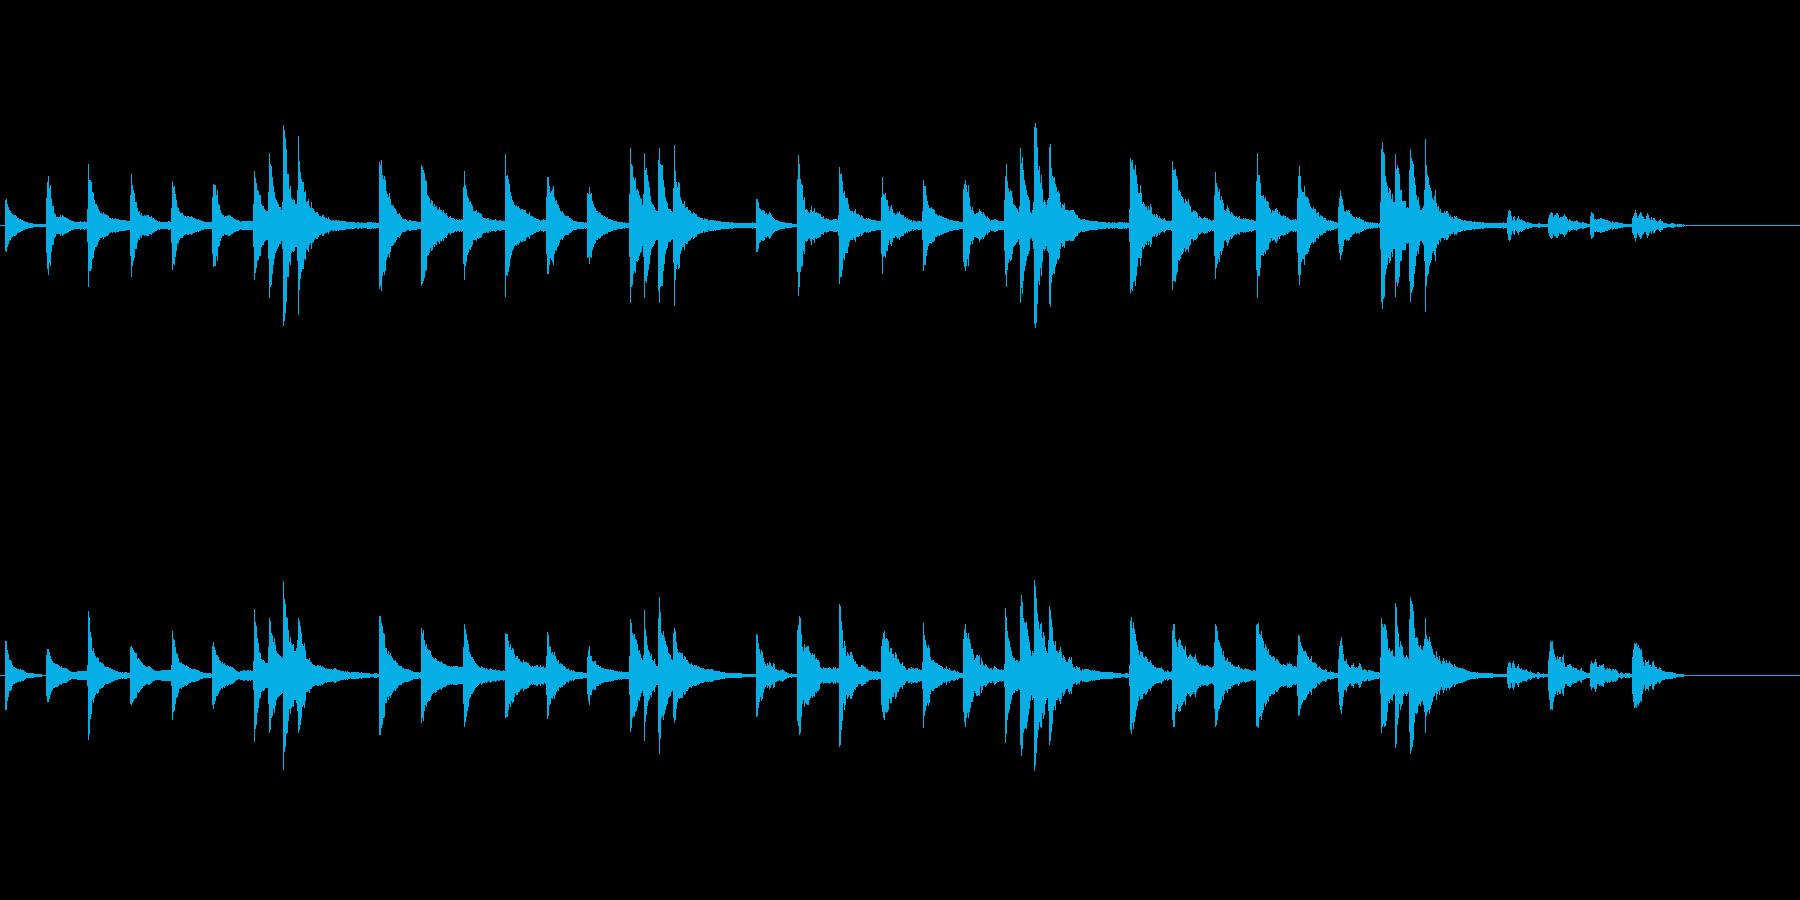 静寂なイメージピアノ曲の再生済みの波形